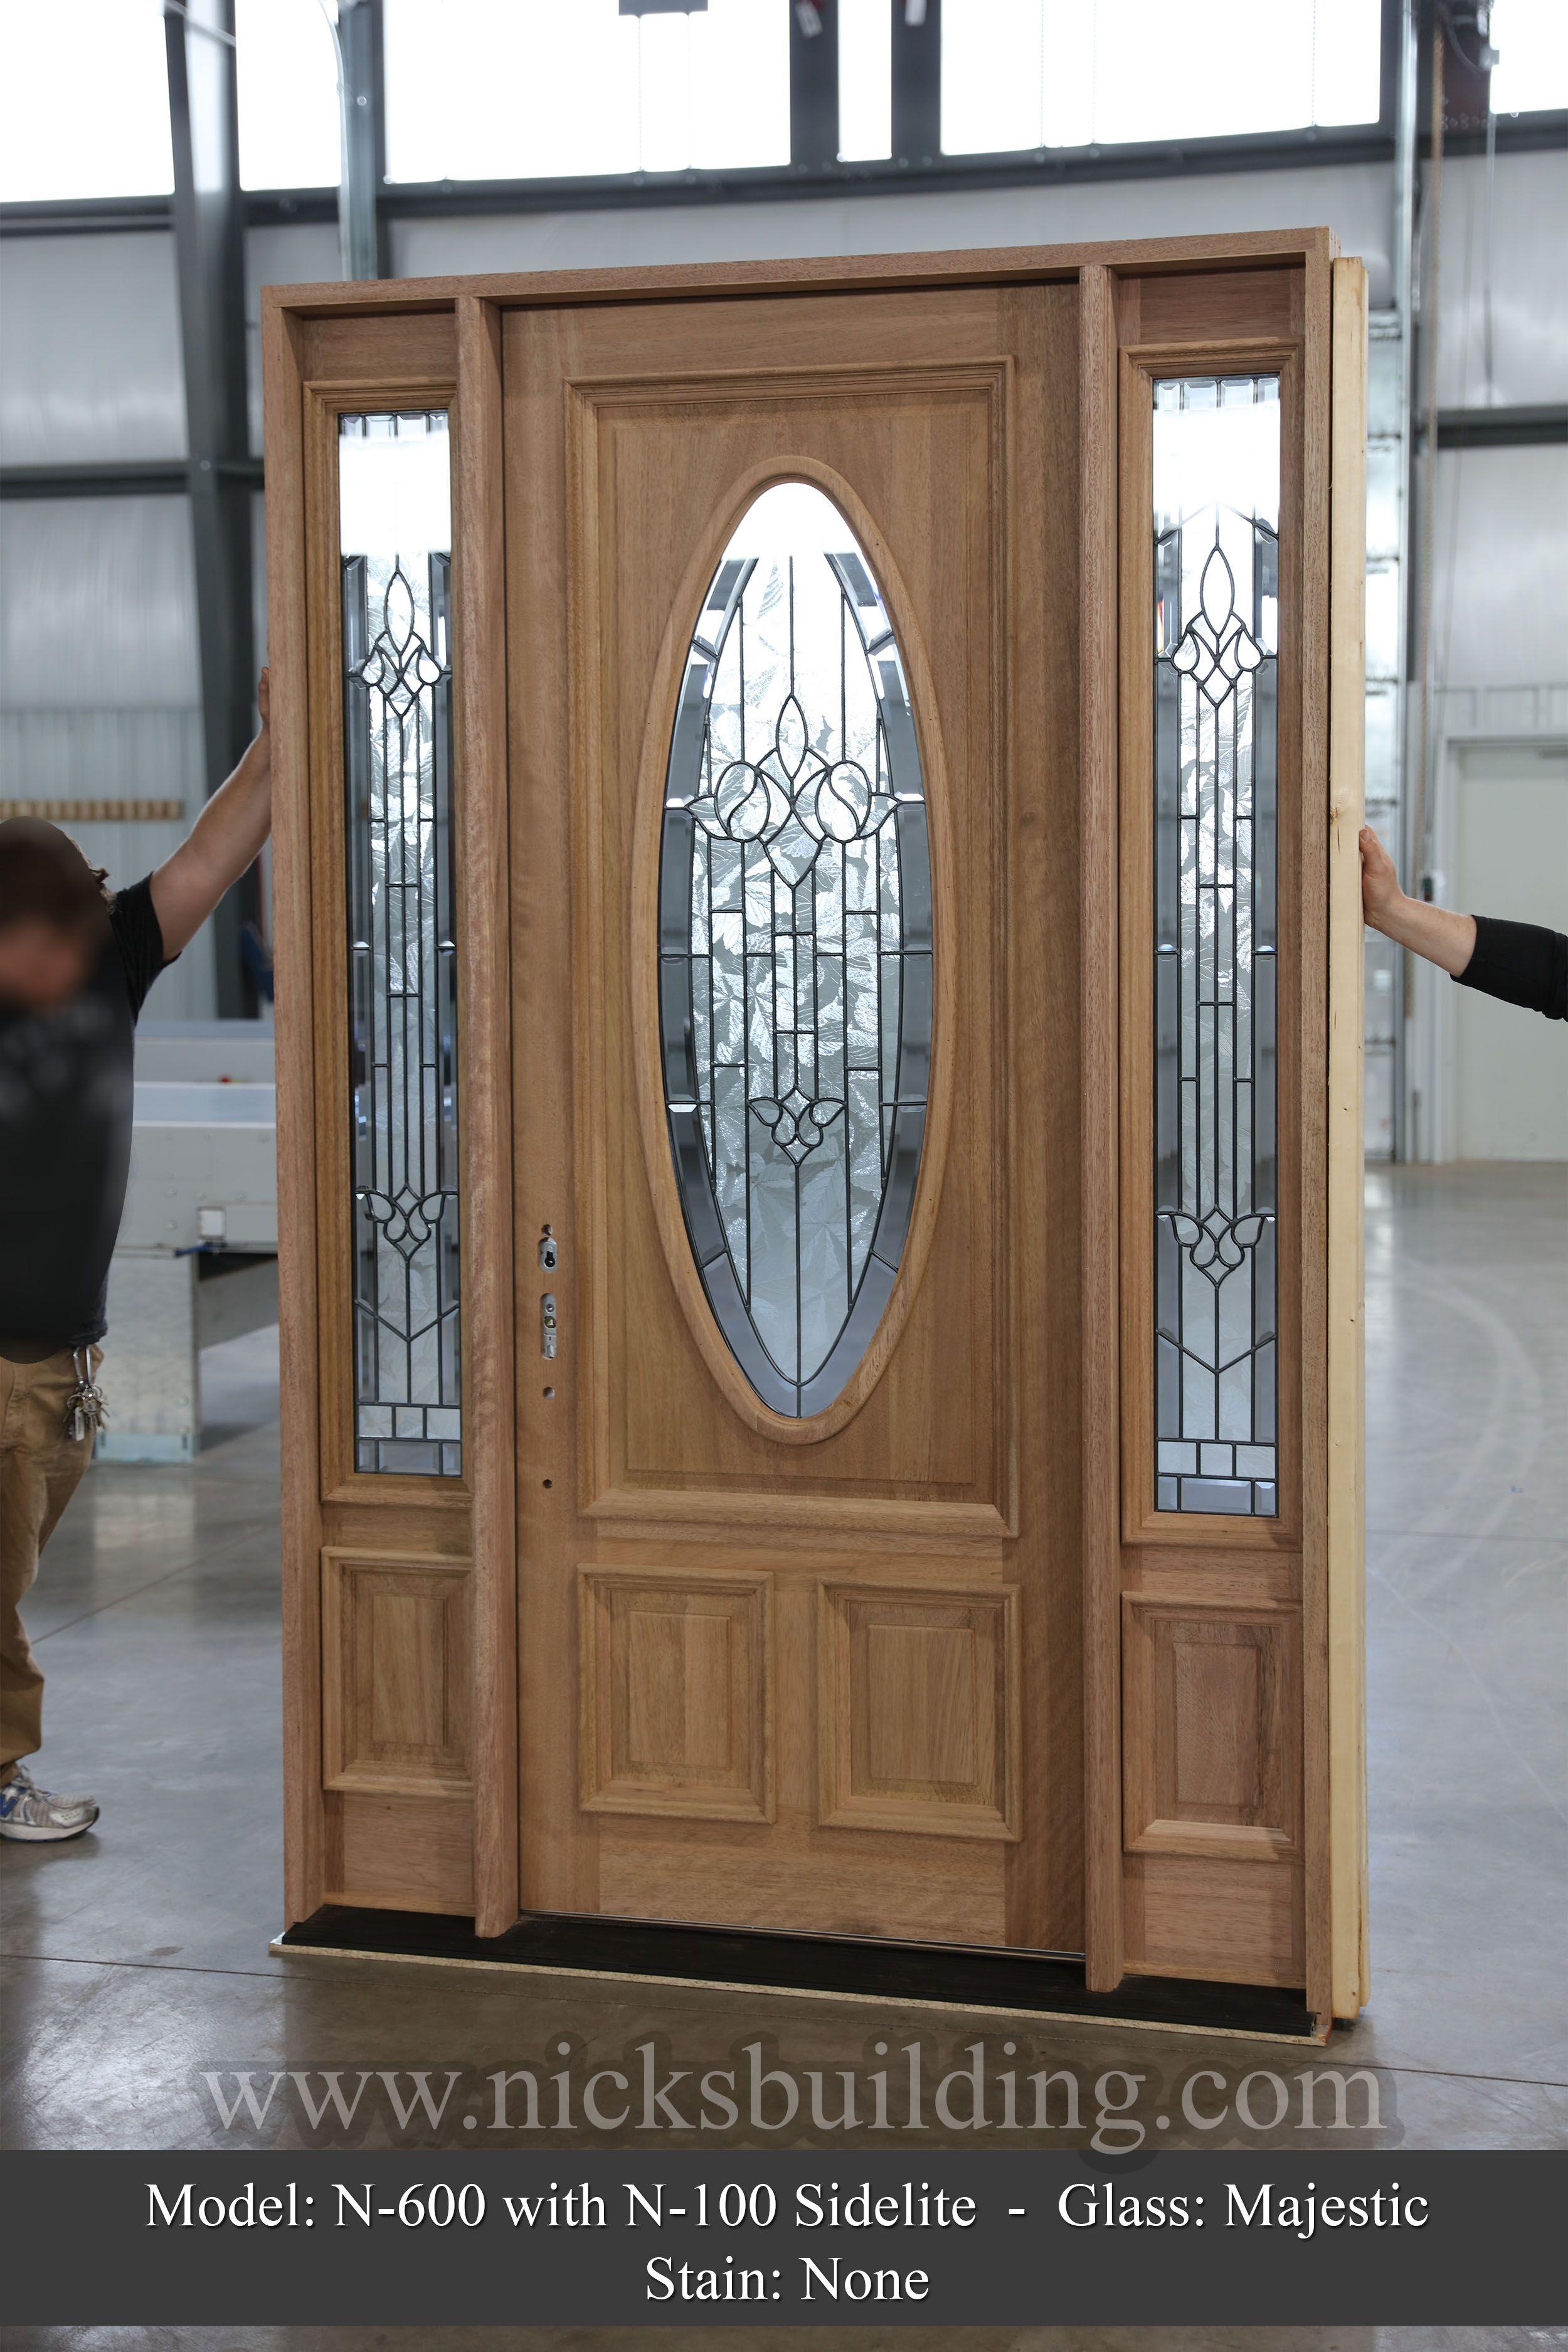 8 Foot Tall Single Door With Two Sidelites Unfinished Mahogany Door 3 Point Locking System On Door Oval Garage Door Decorative Hardware Doors Mahogany Doors